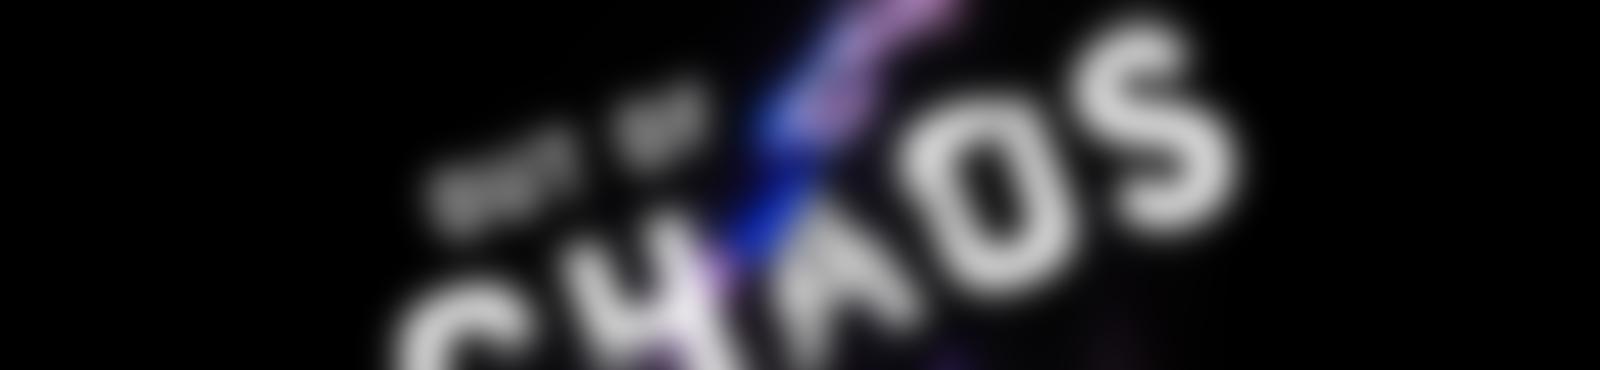 Blurred 6bf184f4 7ec3 41d6 9f28 35cbff64700f